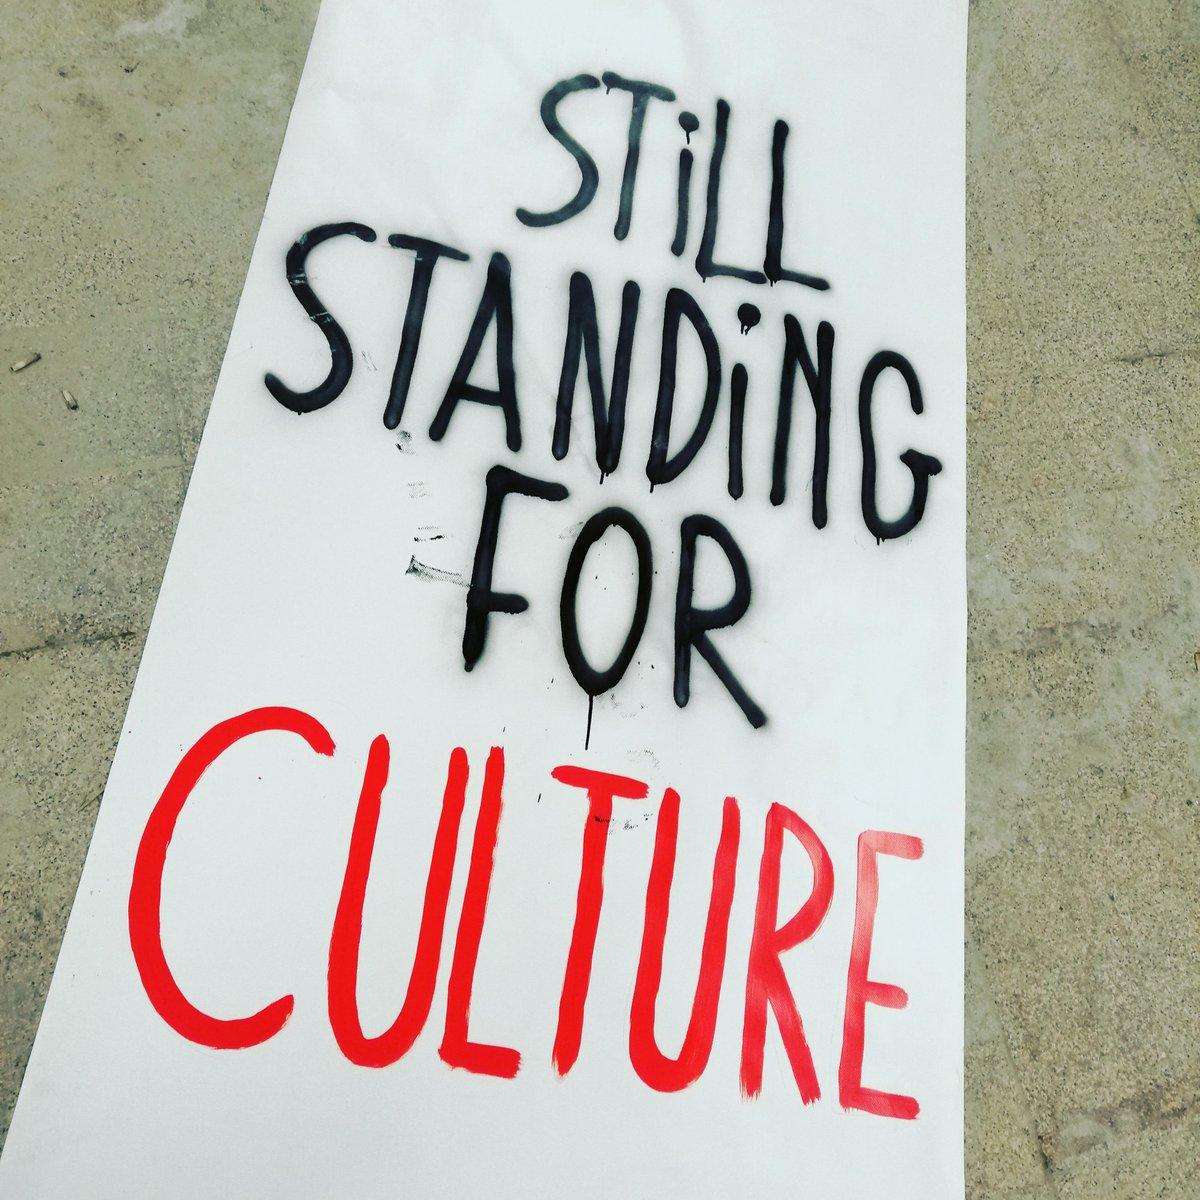 Action en préparation ⚡ STILL STANDING FOR CULTURE  Rendez-vous demain après-midi place Xavier Neujean pour faire culture 🟥  #stillstandingforculture #action #appelaactions #faireculture #partoutenBelgique #placeXavieNeujean #liege #samedi20fevrier #cecinestpasunspectacle https://t.co/qGovpyBaml